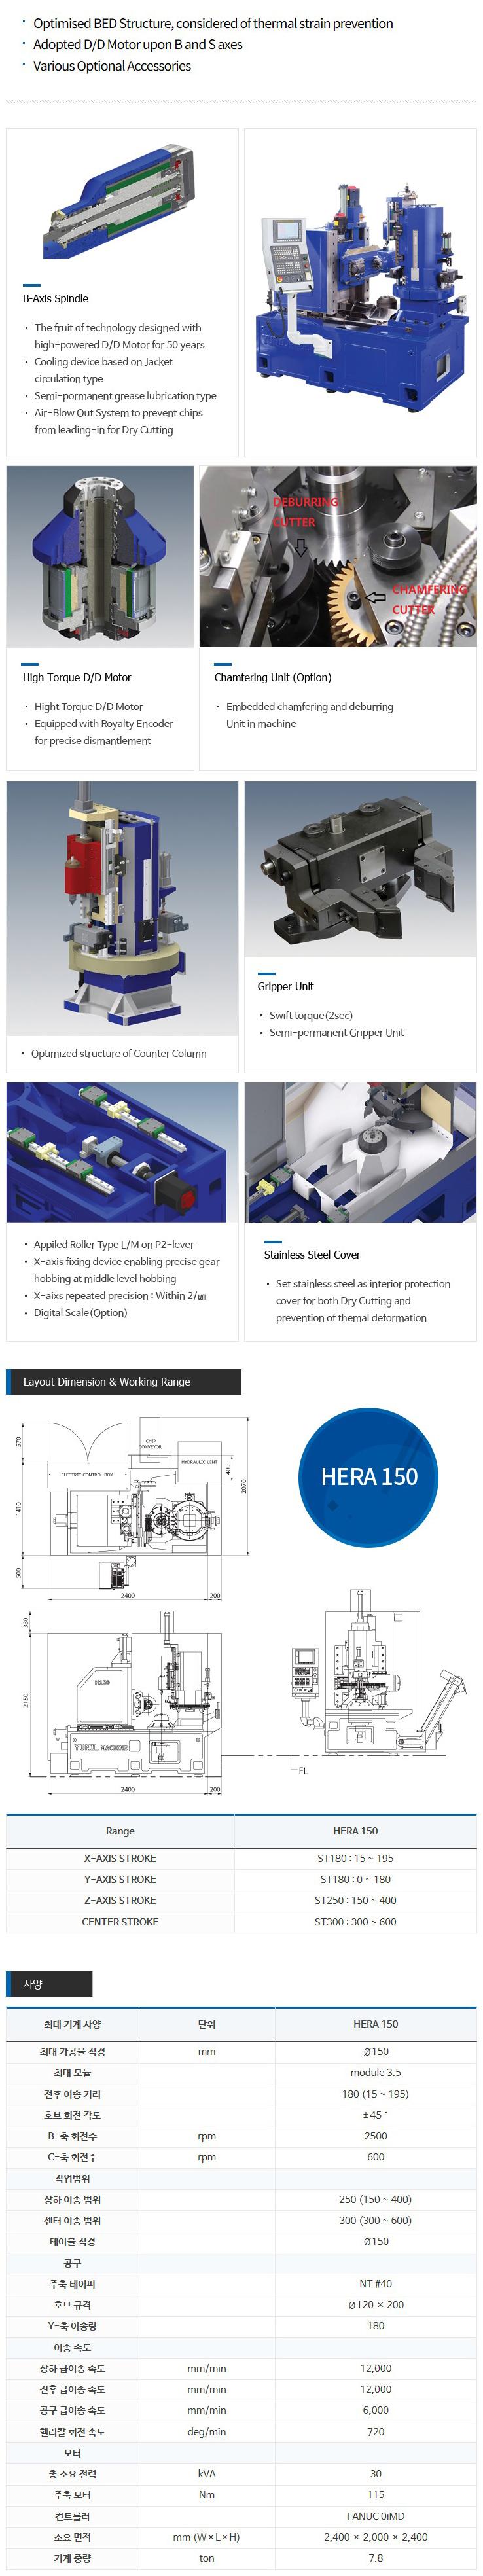 YUNIL MACHINE CNC Gear Hobbing Machine HERA 150